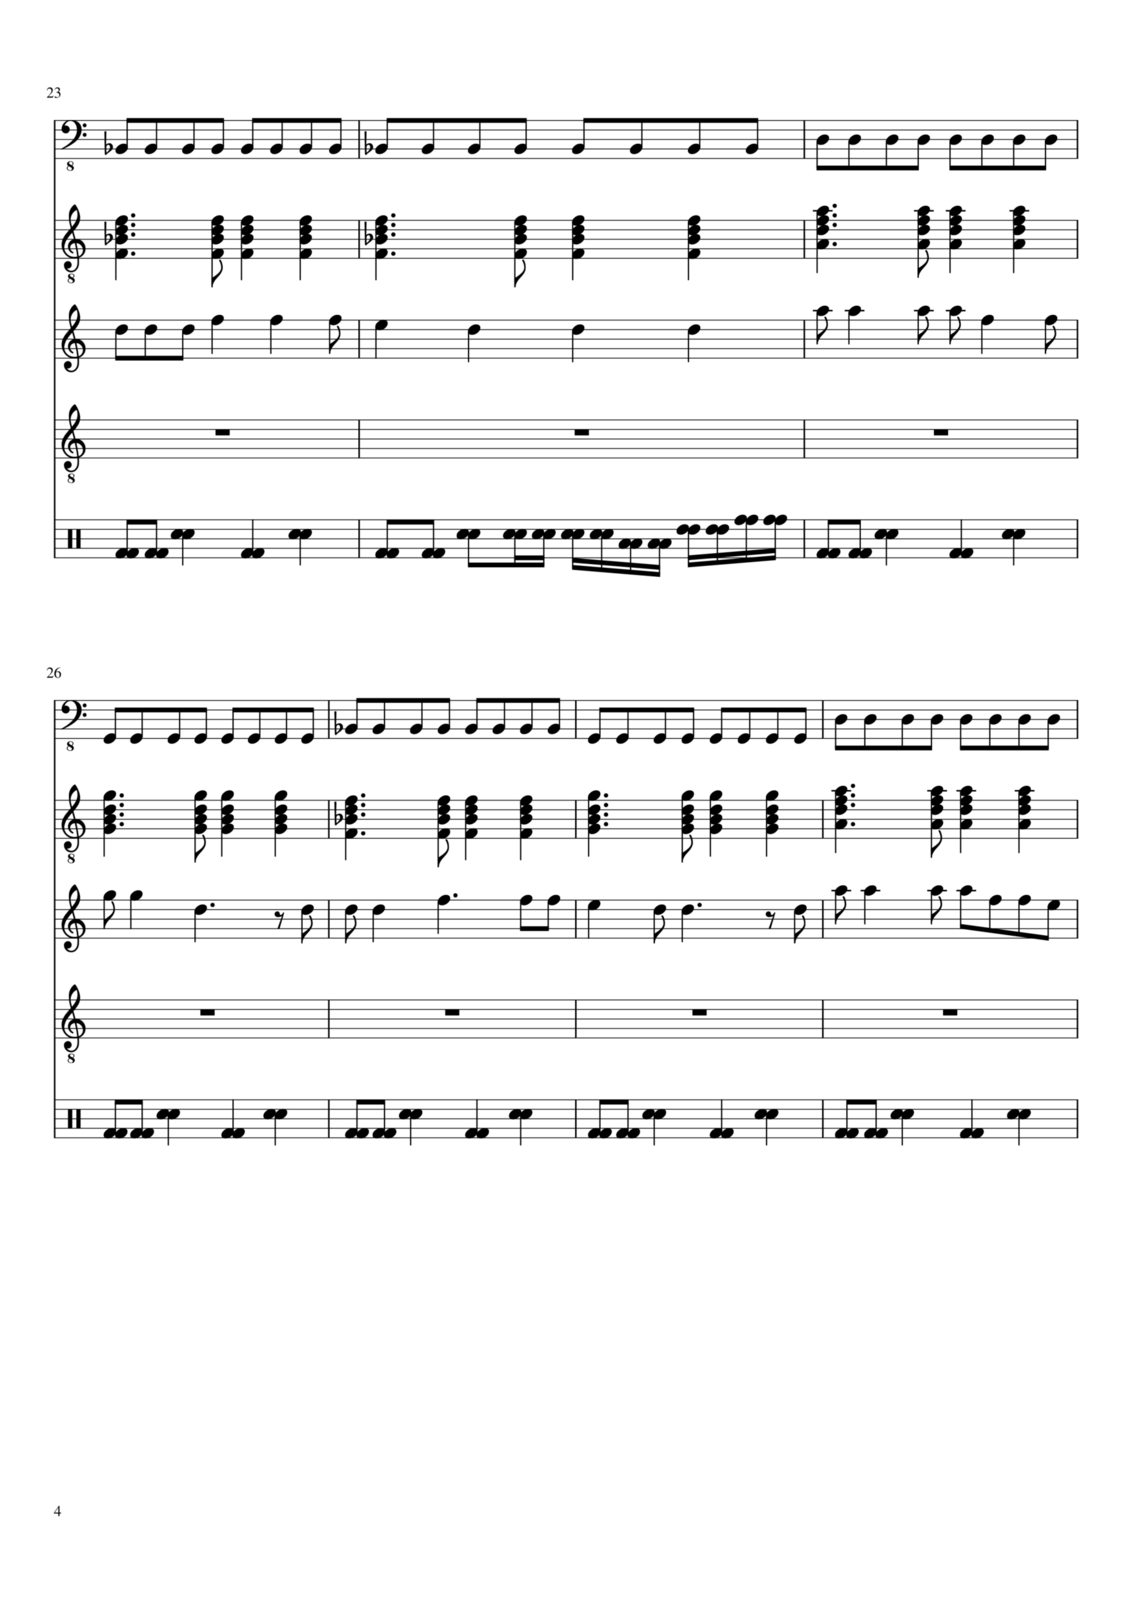 Dekoratsii slide, Image 4